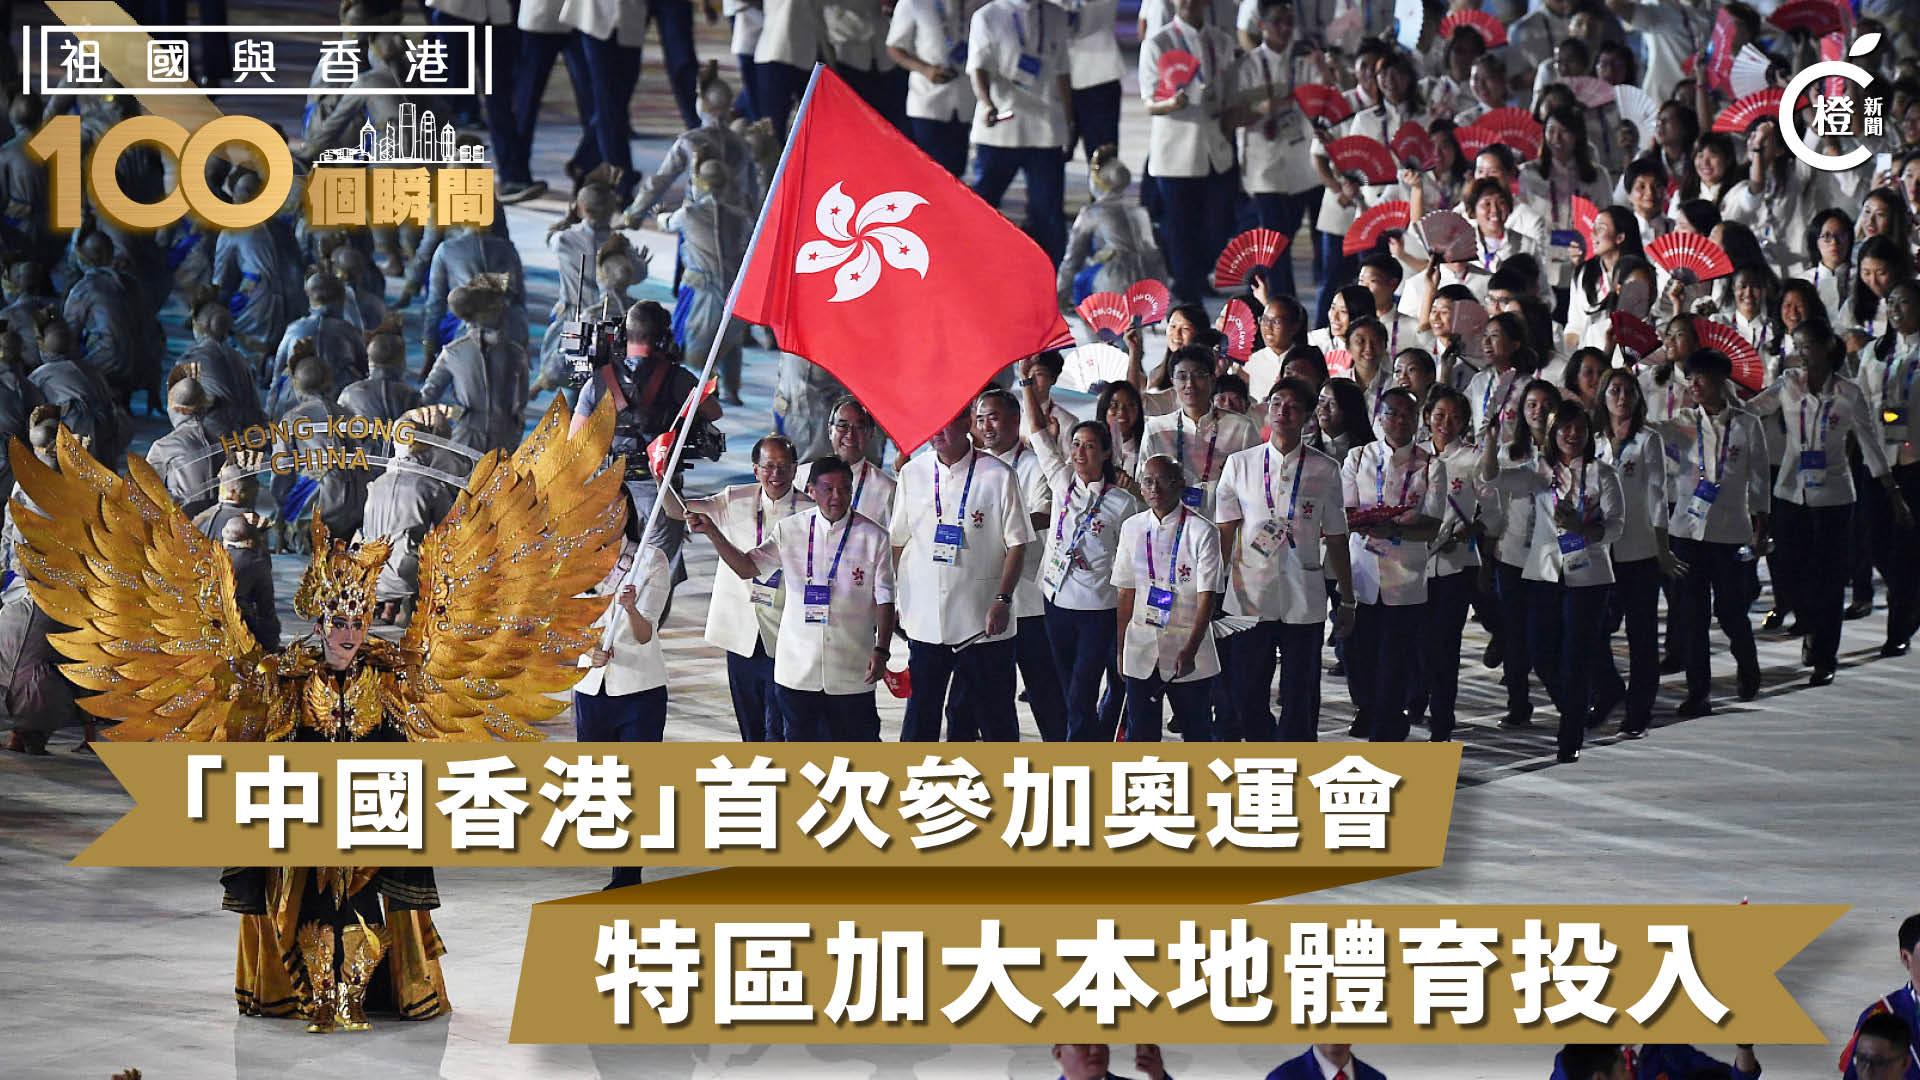 【祖國與香港100個瞬間】「中國香港」首次參加奧運會 特區政府加大本地體育投入